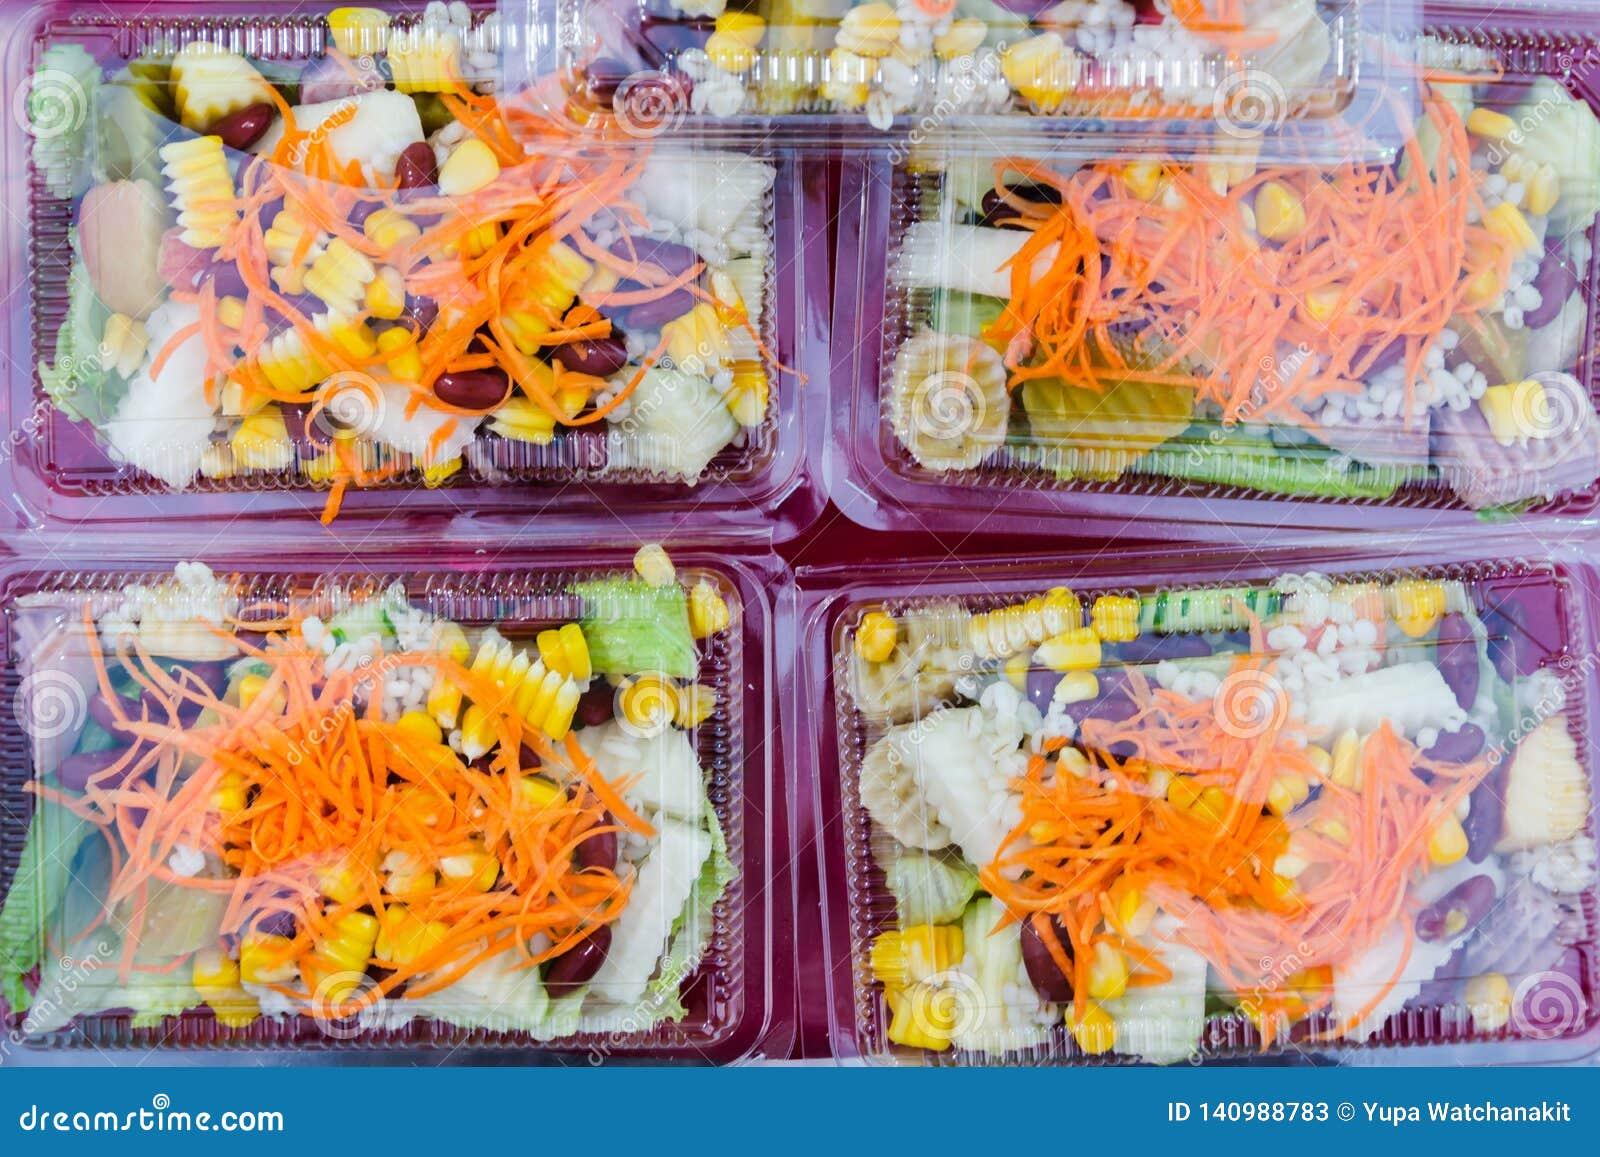 在塑料包裹的混合水果和蔬菜沙拉